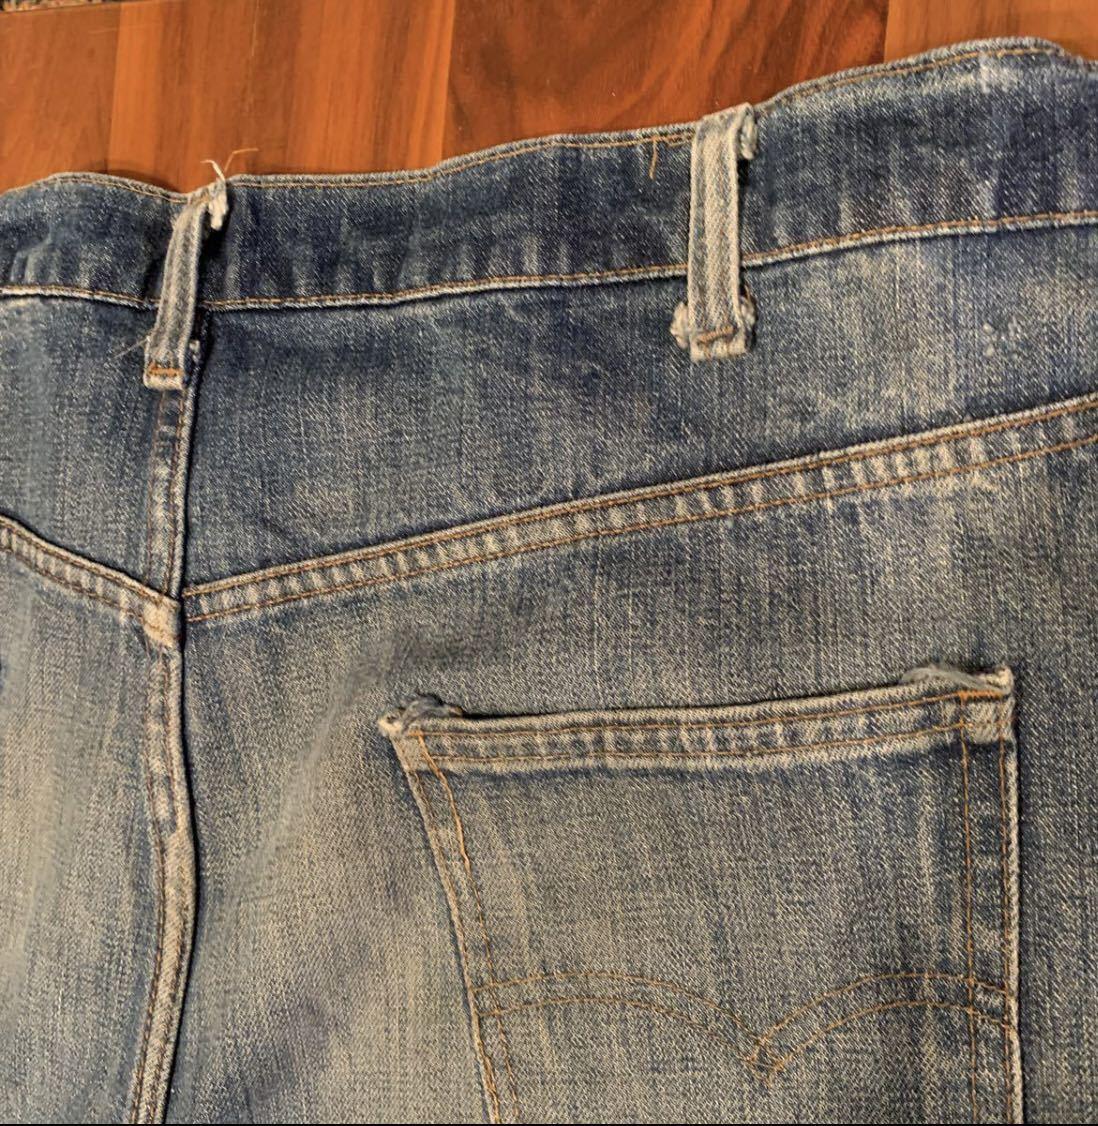 OLD リーバイス 517 ボタン裏8 実寸約102cm vintage デニム パンツ ジーンズ Levi's 501 505 BIGE_画像6